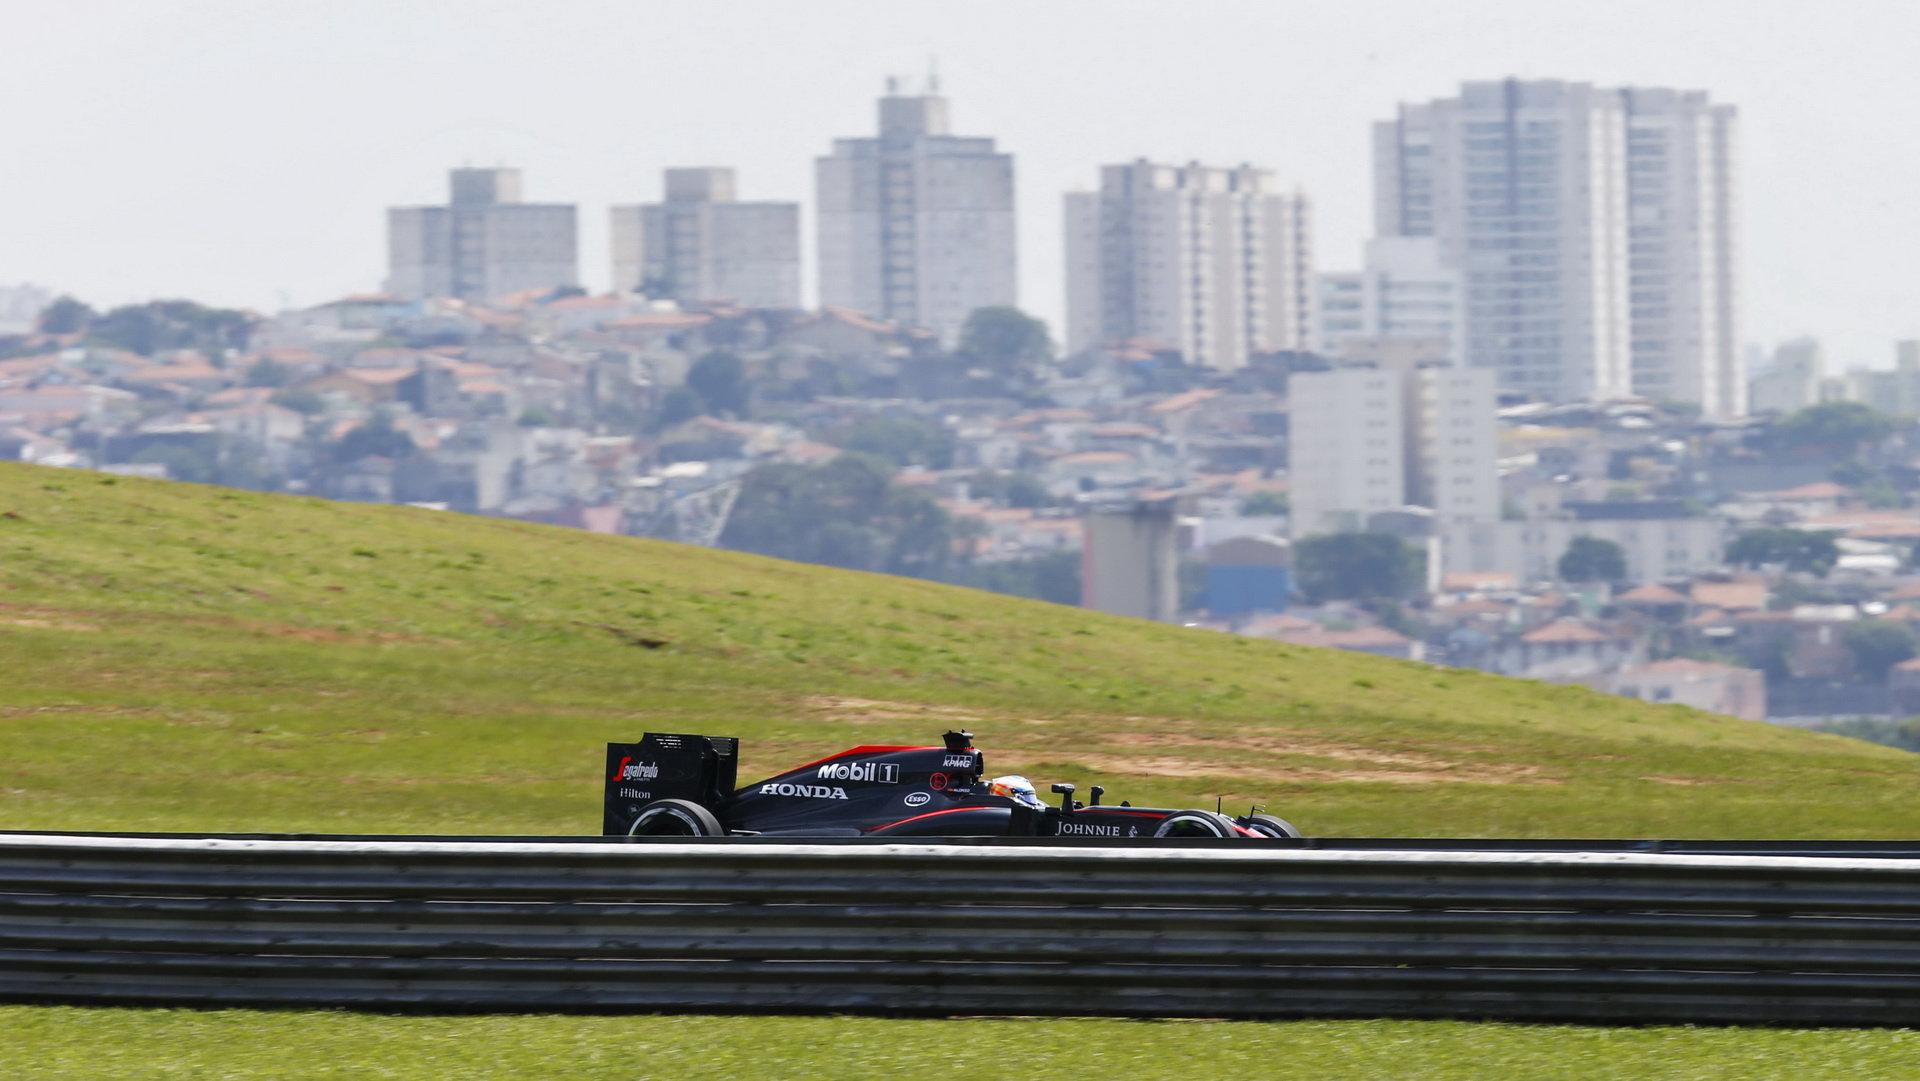 Brazílie se rozčiluje ohledně kalendáře F1. Proč jsme dostali takové označení? - anotační obrázek